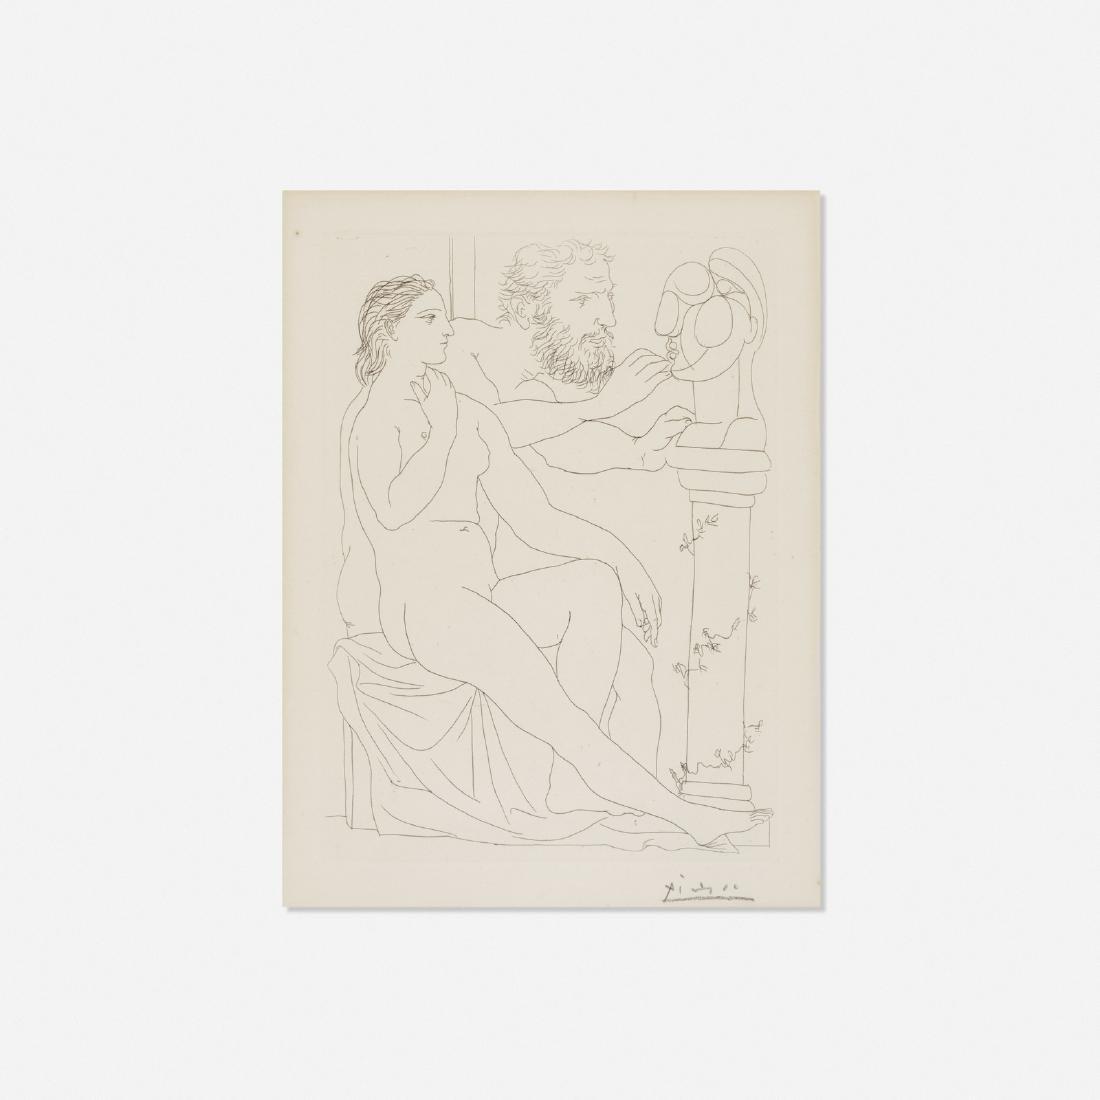 Pablo Picasso, Sculpteur, Modele et Buste sculpte